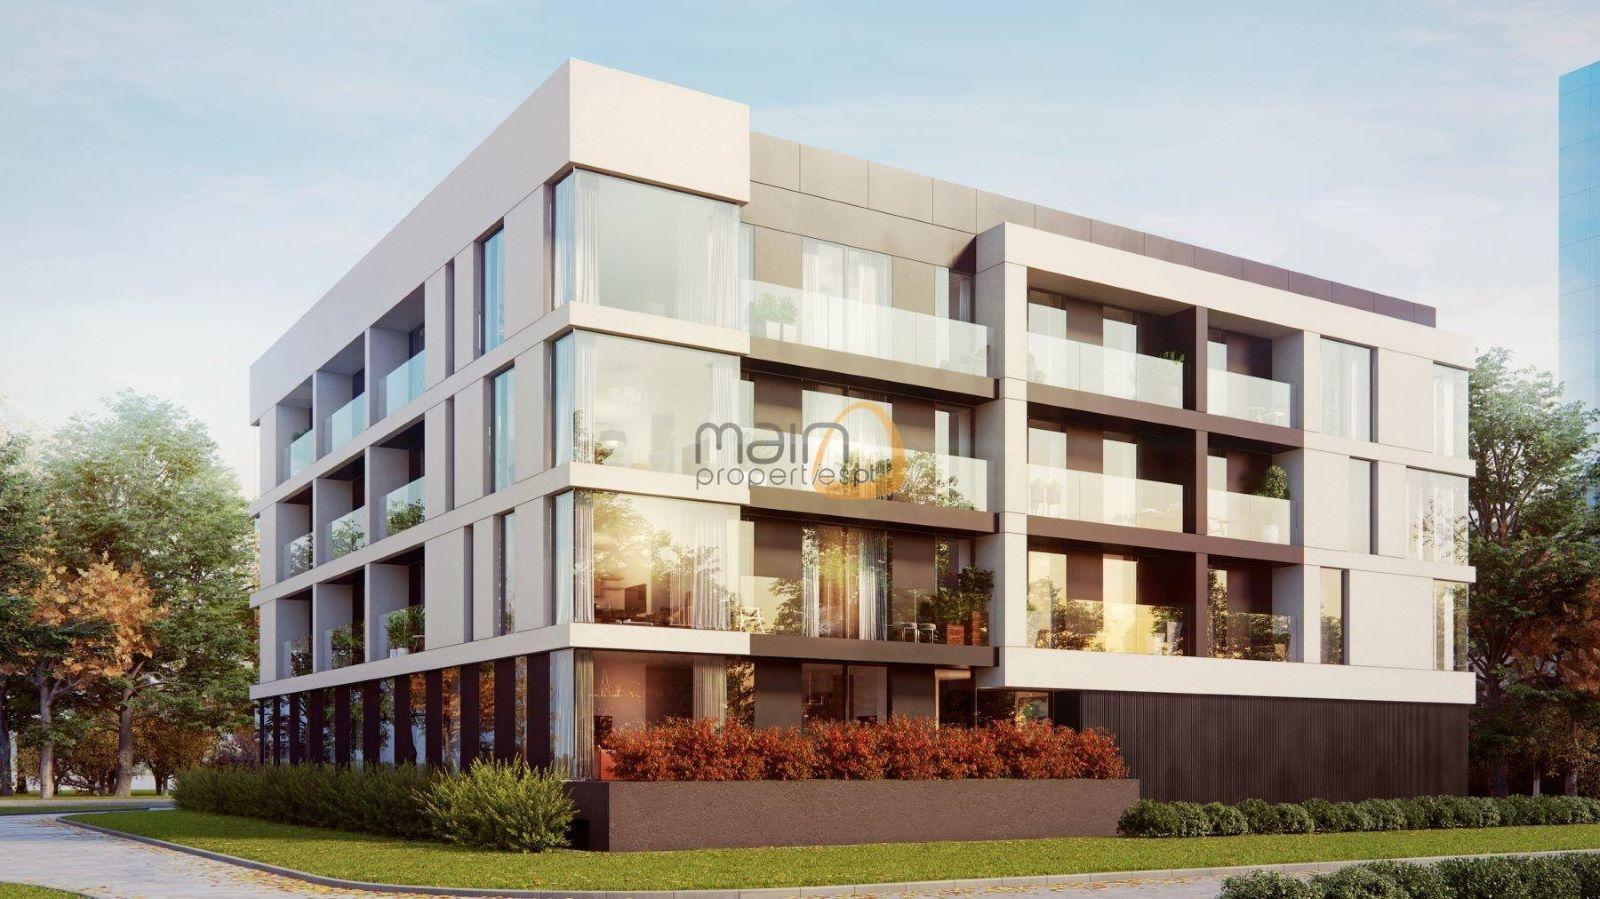 Investimento – Lote para prédio com 4 apartamento e 2 lojas em Almancil